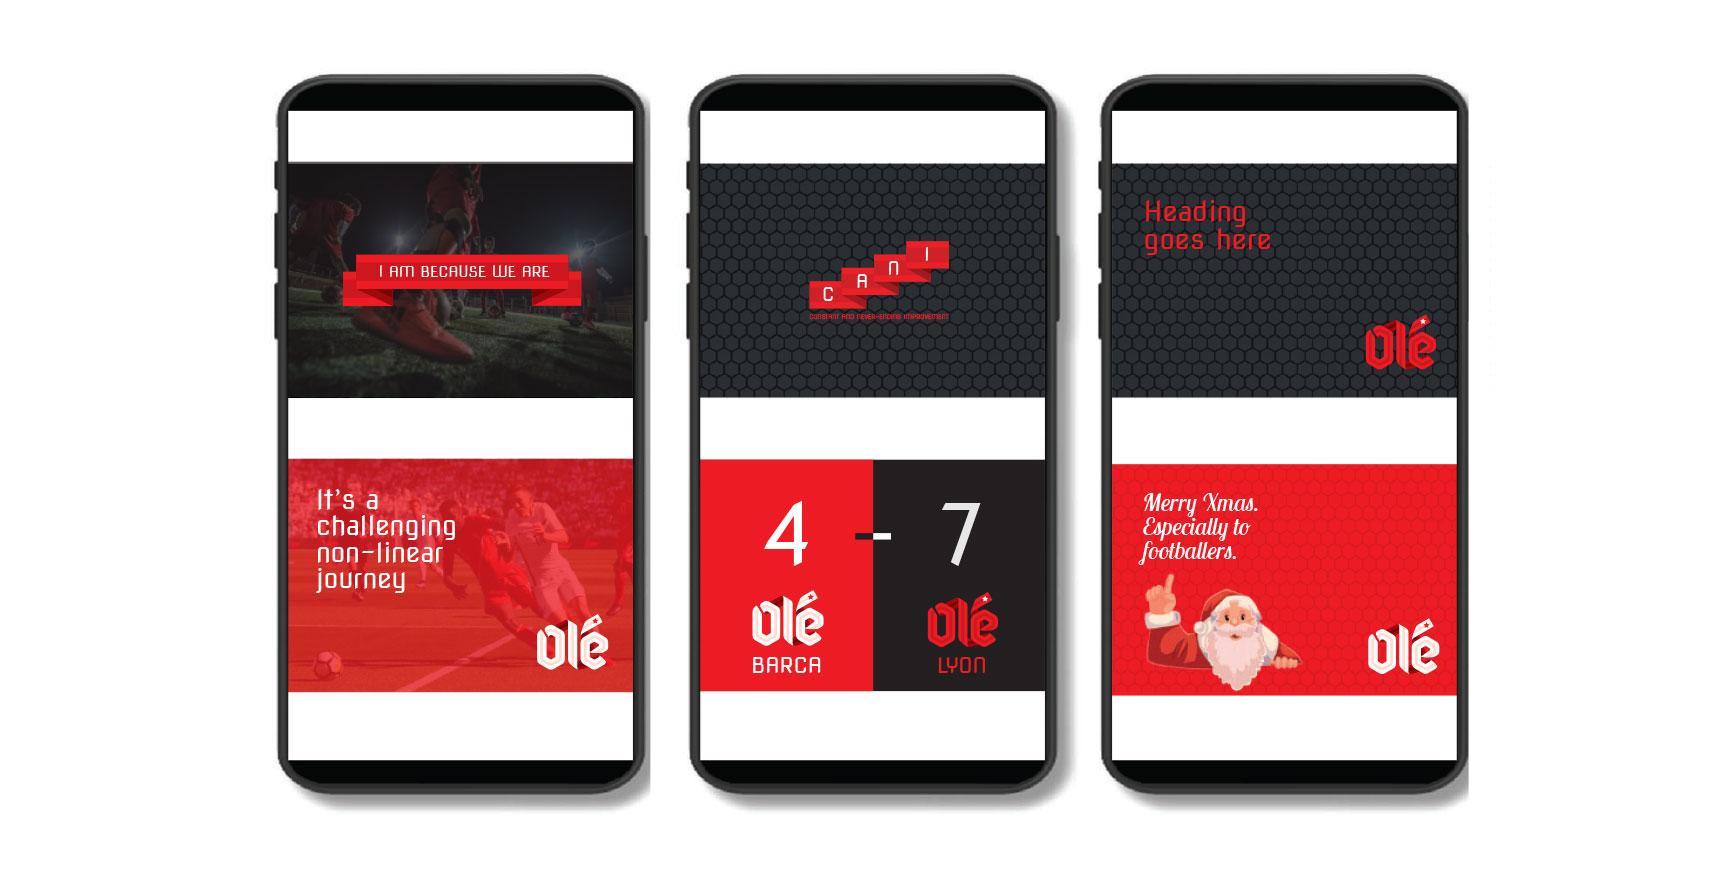 Ole FA_App Design